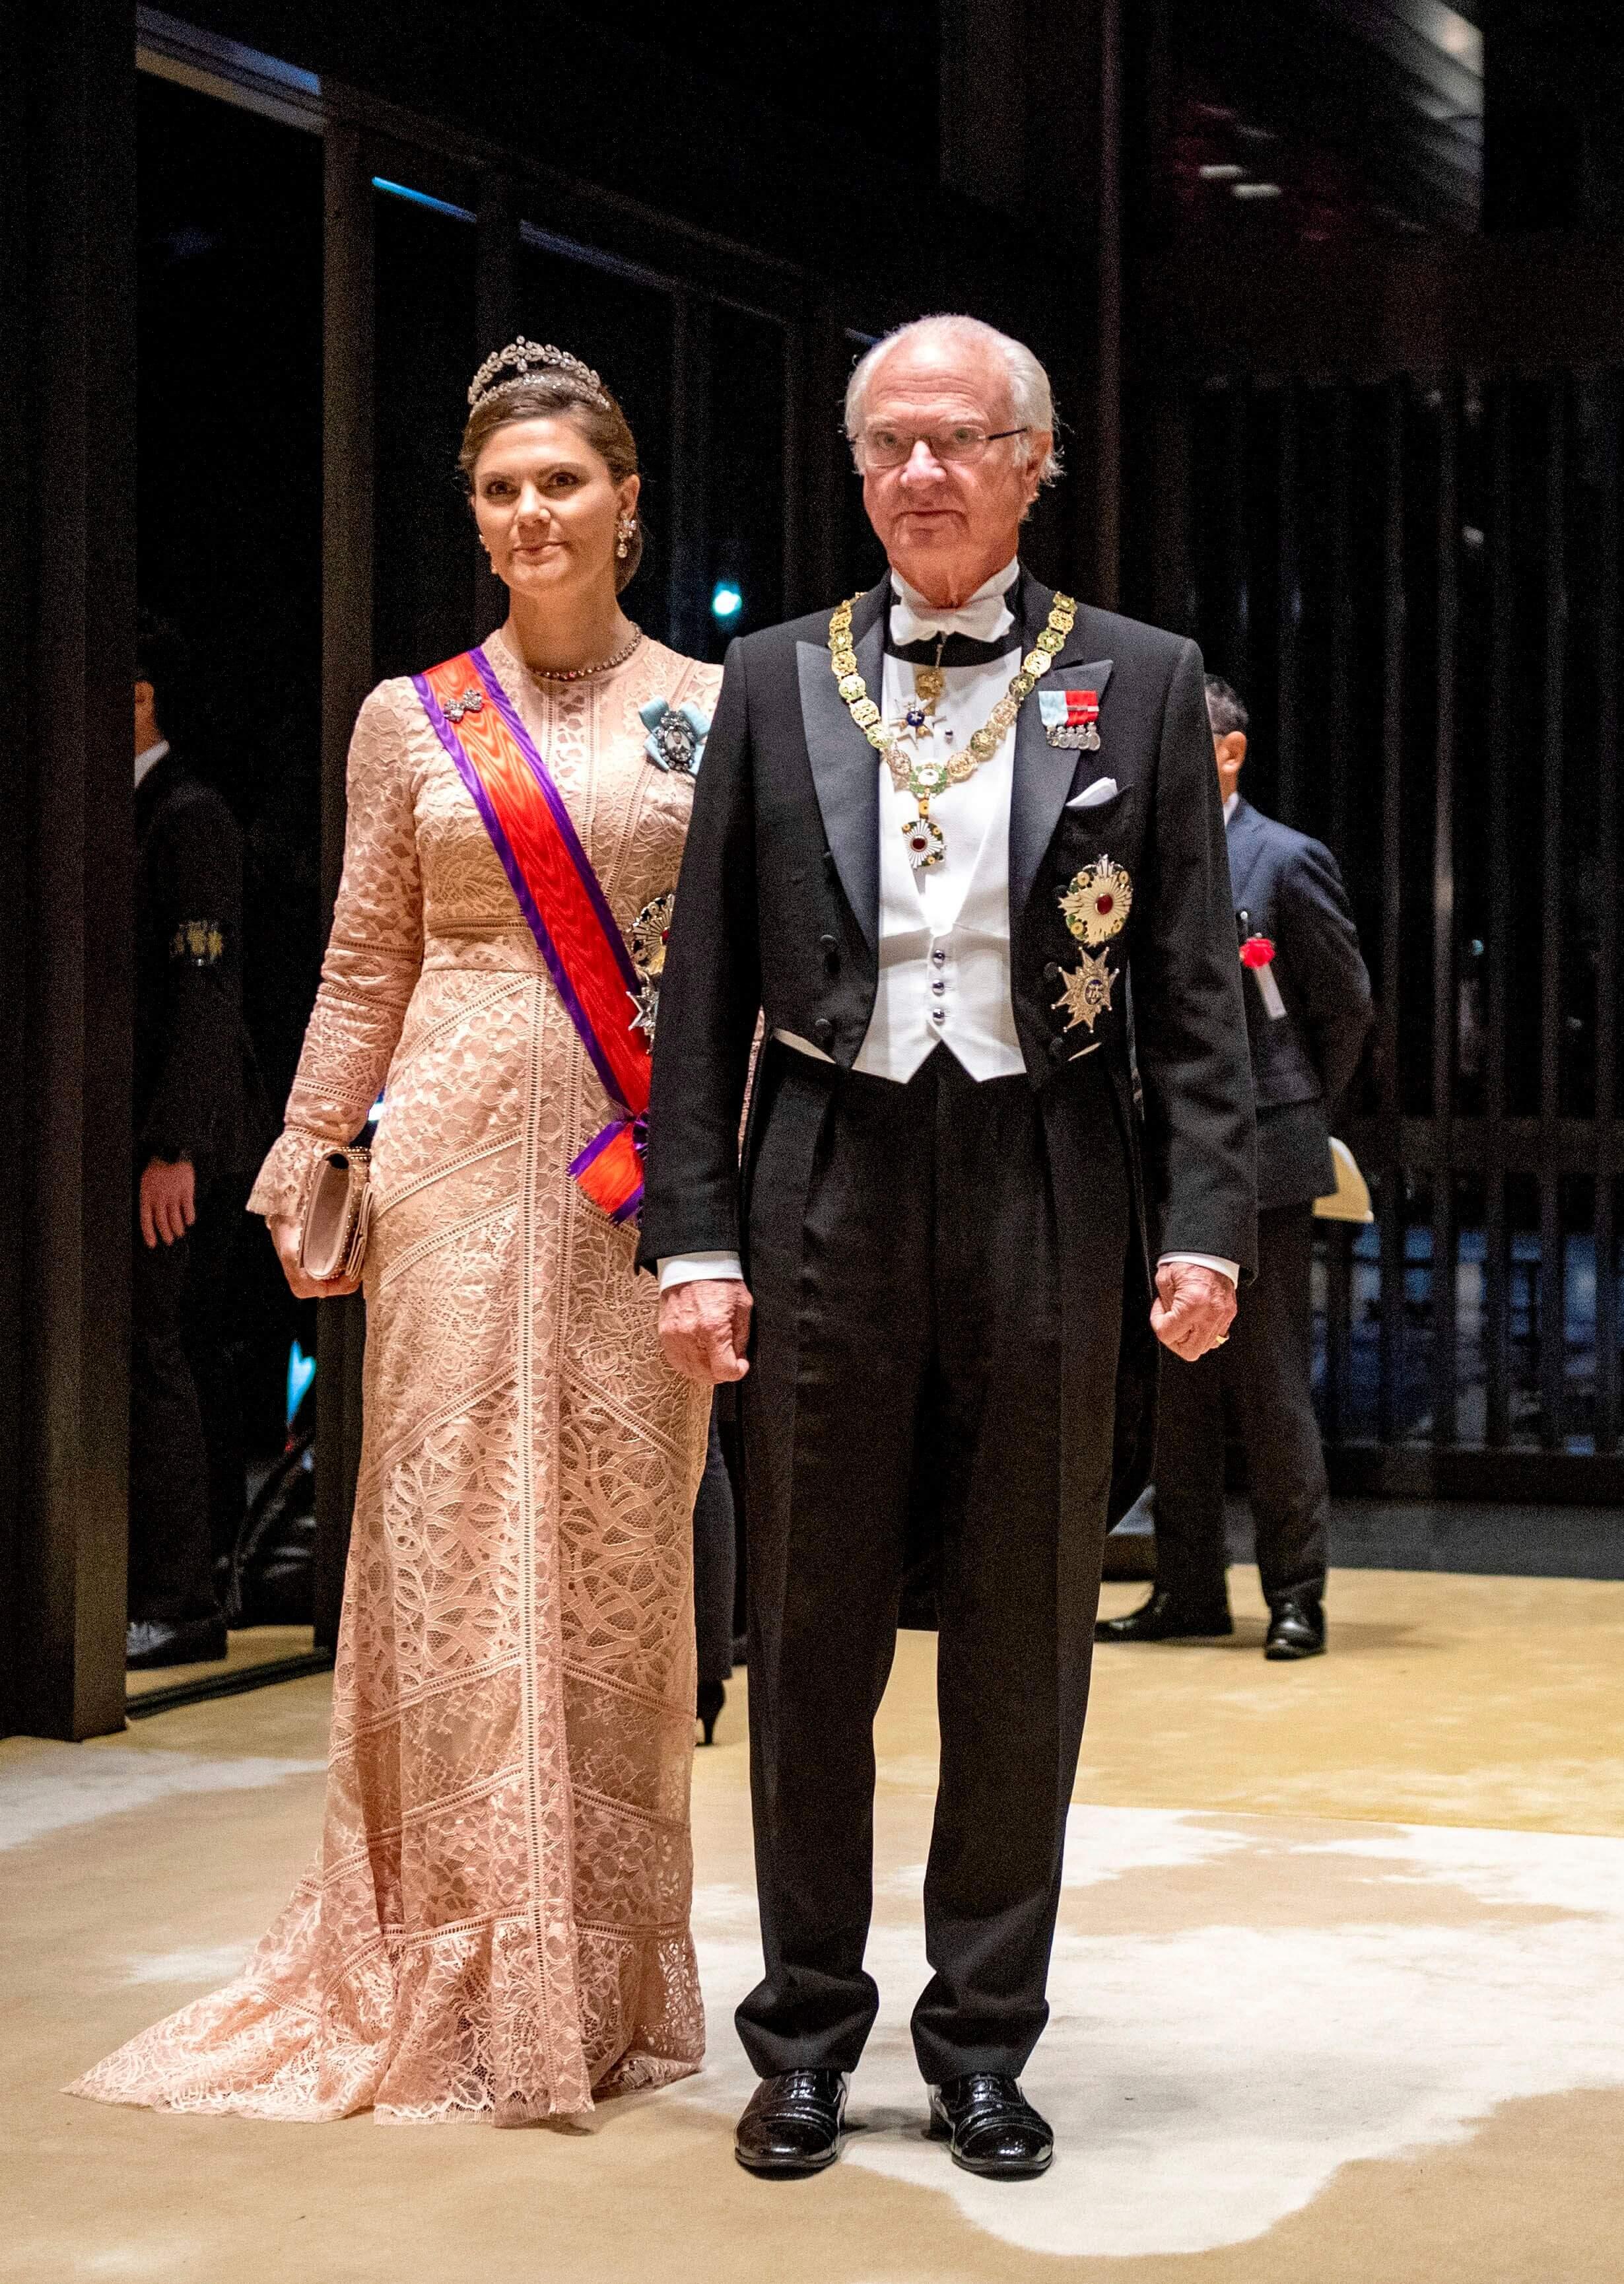 Kronprinzessin Victoria: Vater wollte Krönung verhindern